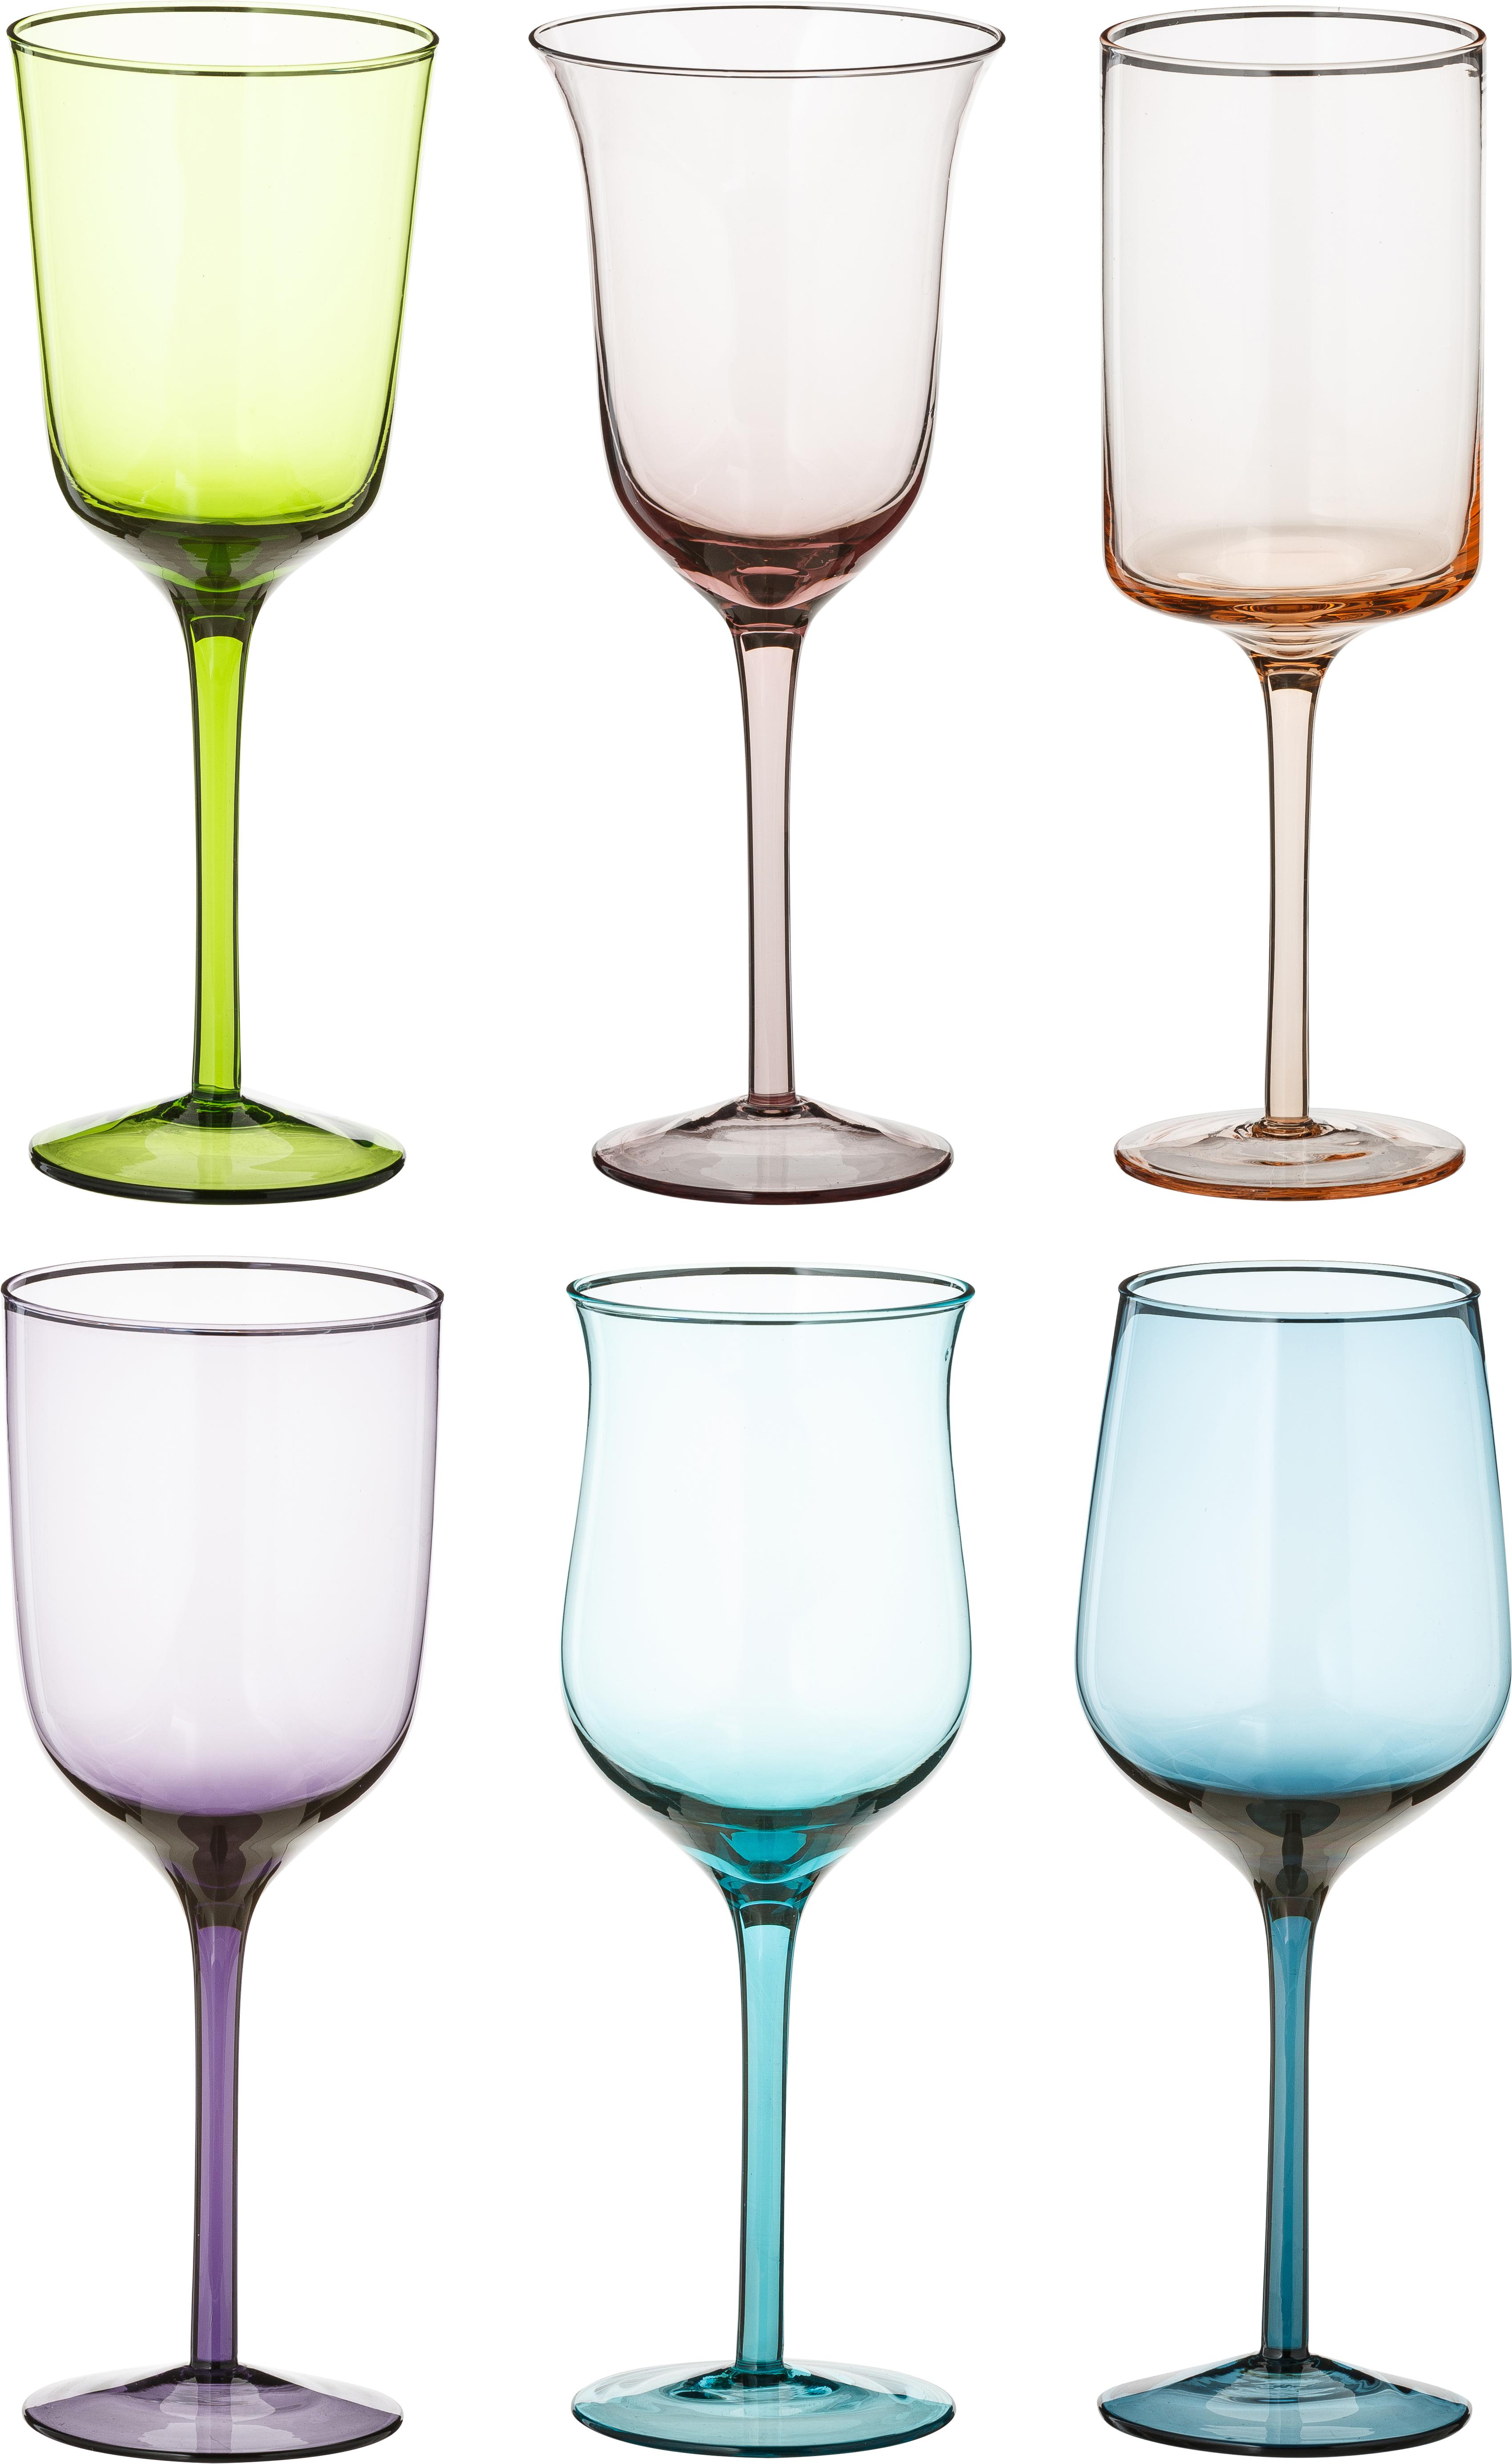 Copas de vino de vidrio soplado Desigual, 6uds., Vidrio soplado artesanalmente, Multicolor, Al 24 cm